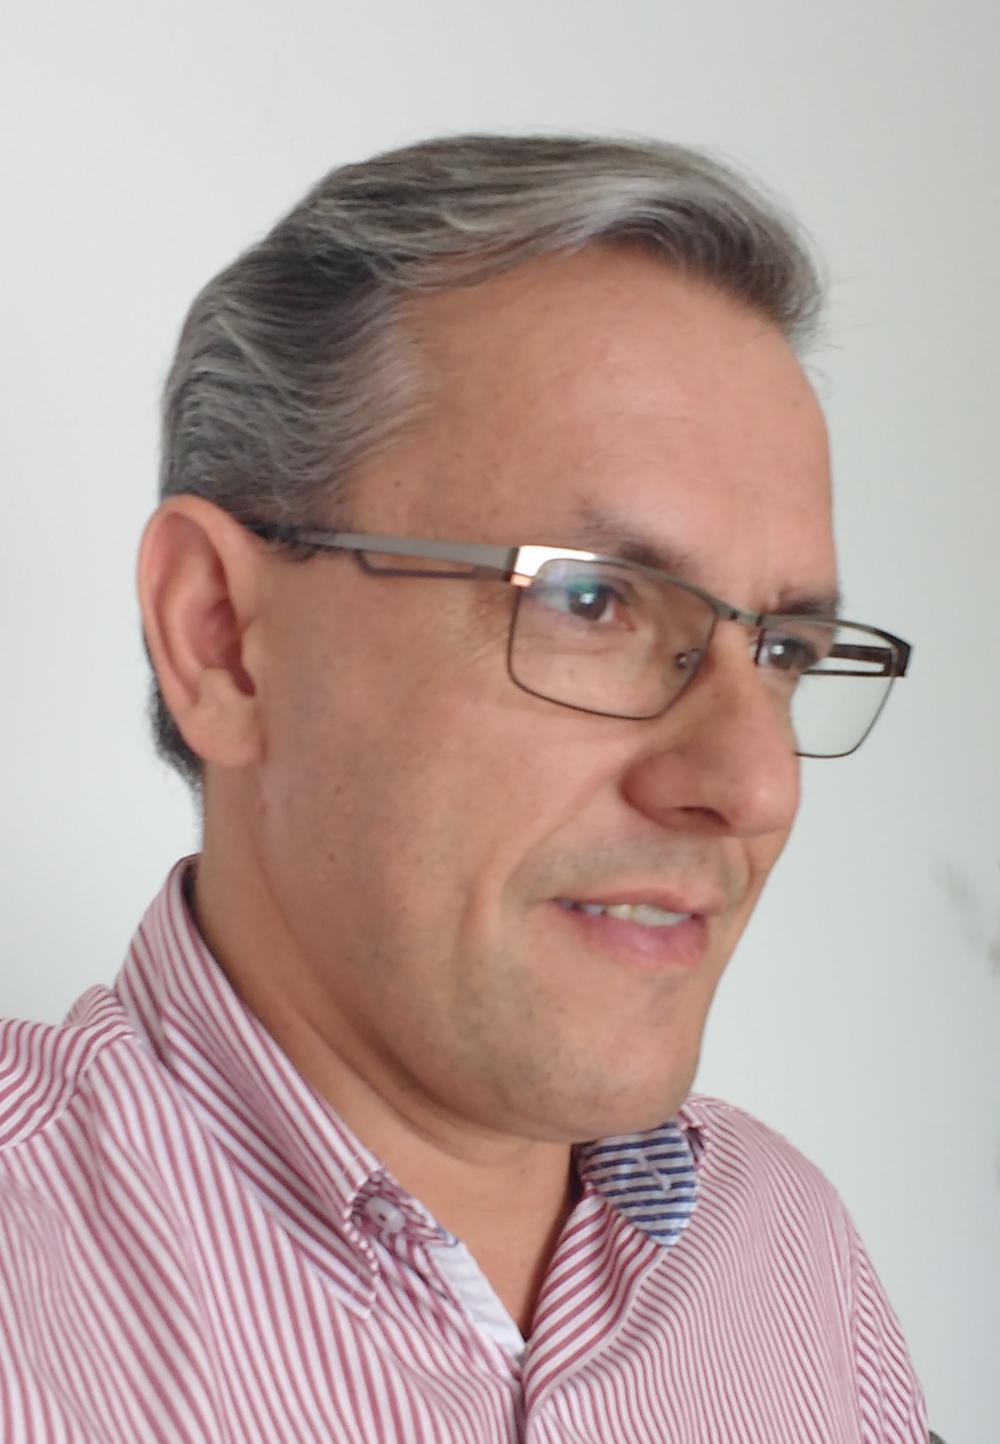 Copy of Marcio Oliviera, Independent consultant